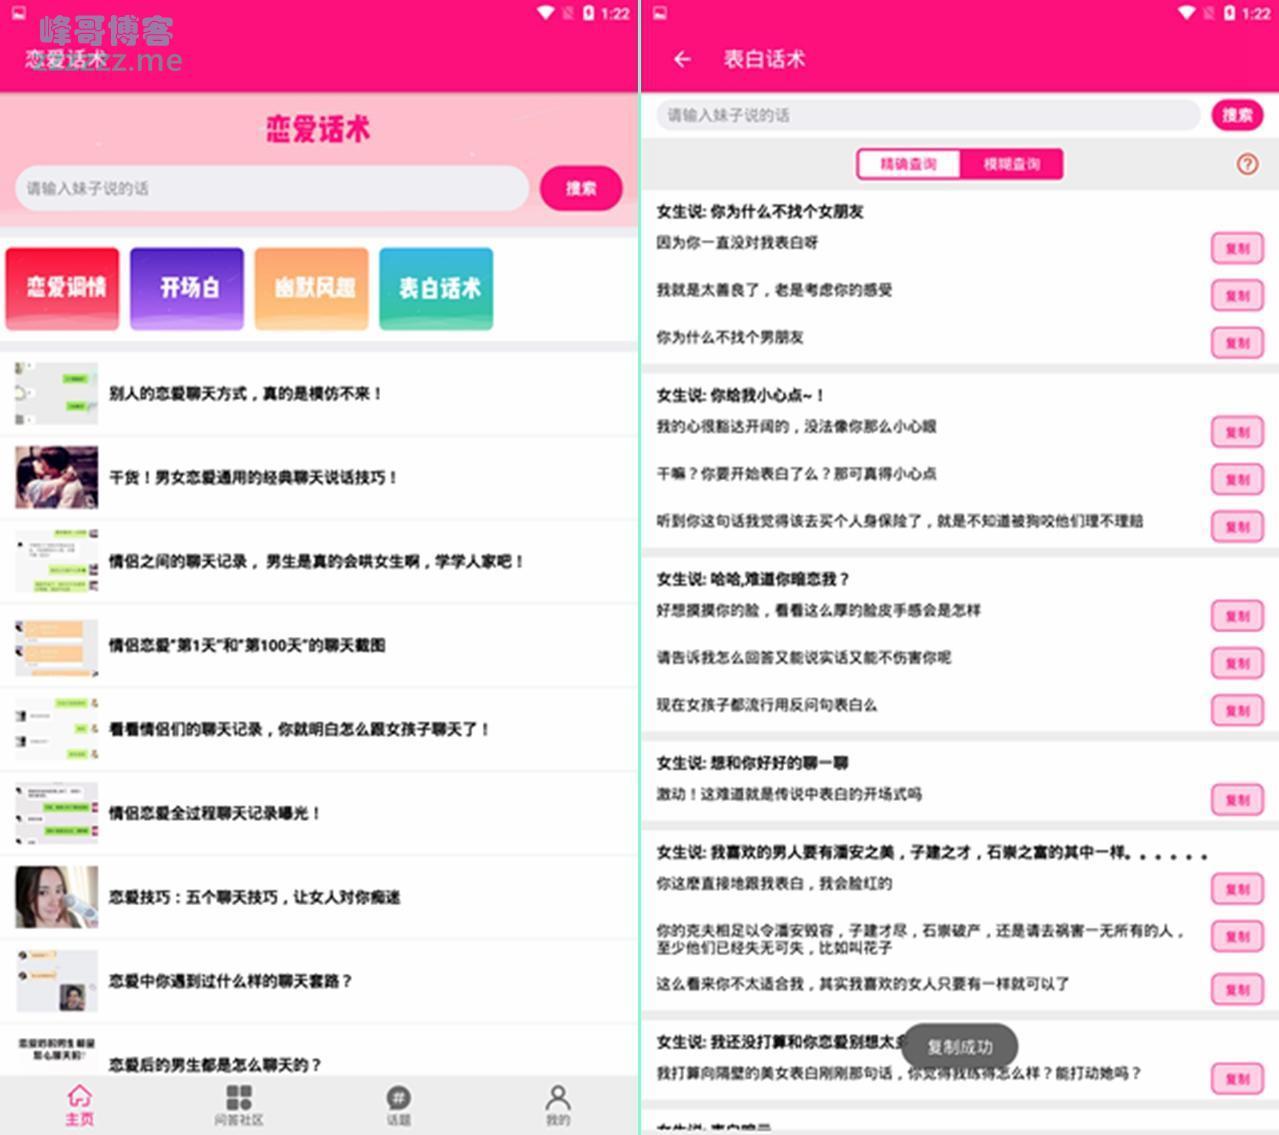 安卓恋爱话术V9.9 去更新永久VIP会员破解版 单身狗撩妹必备!